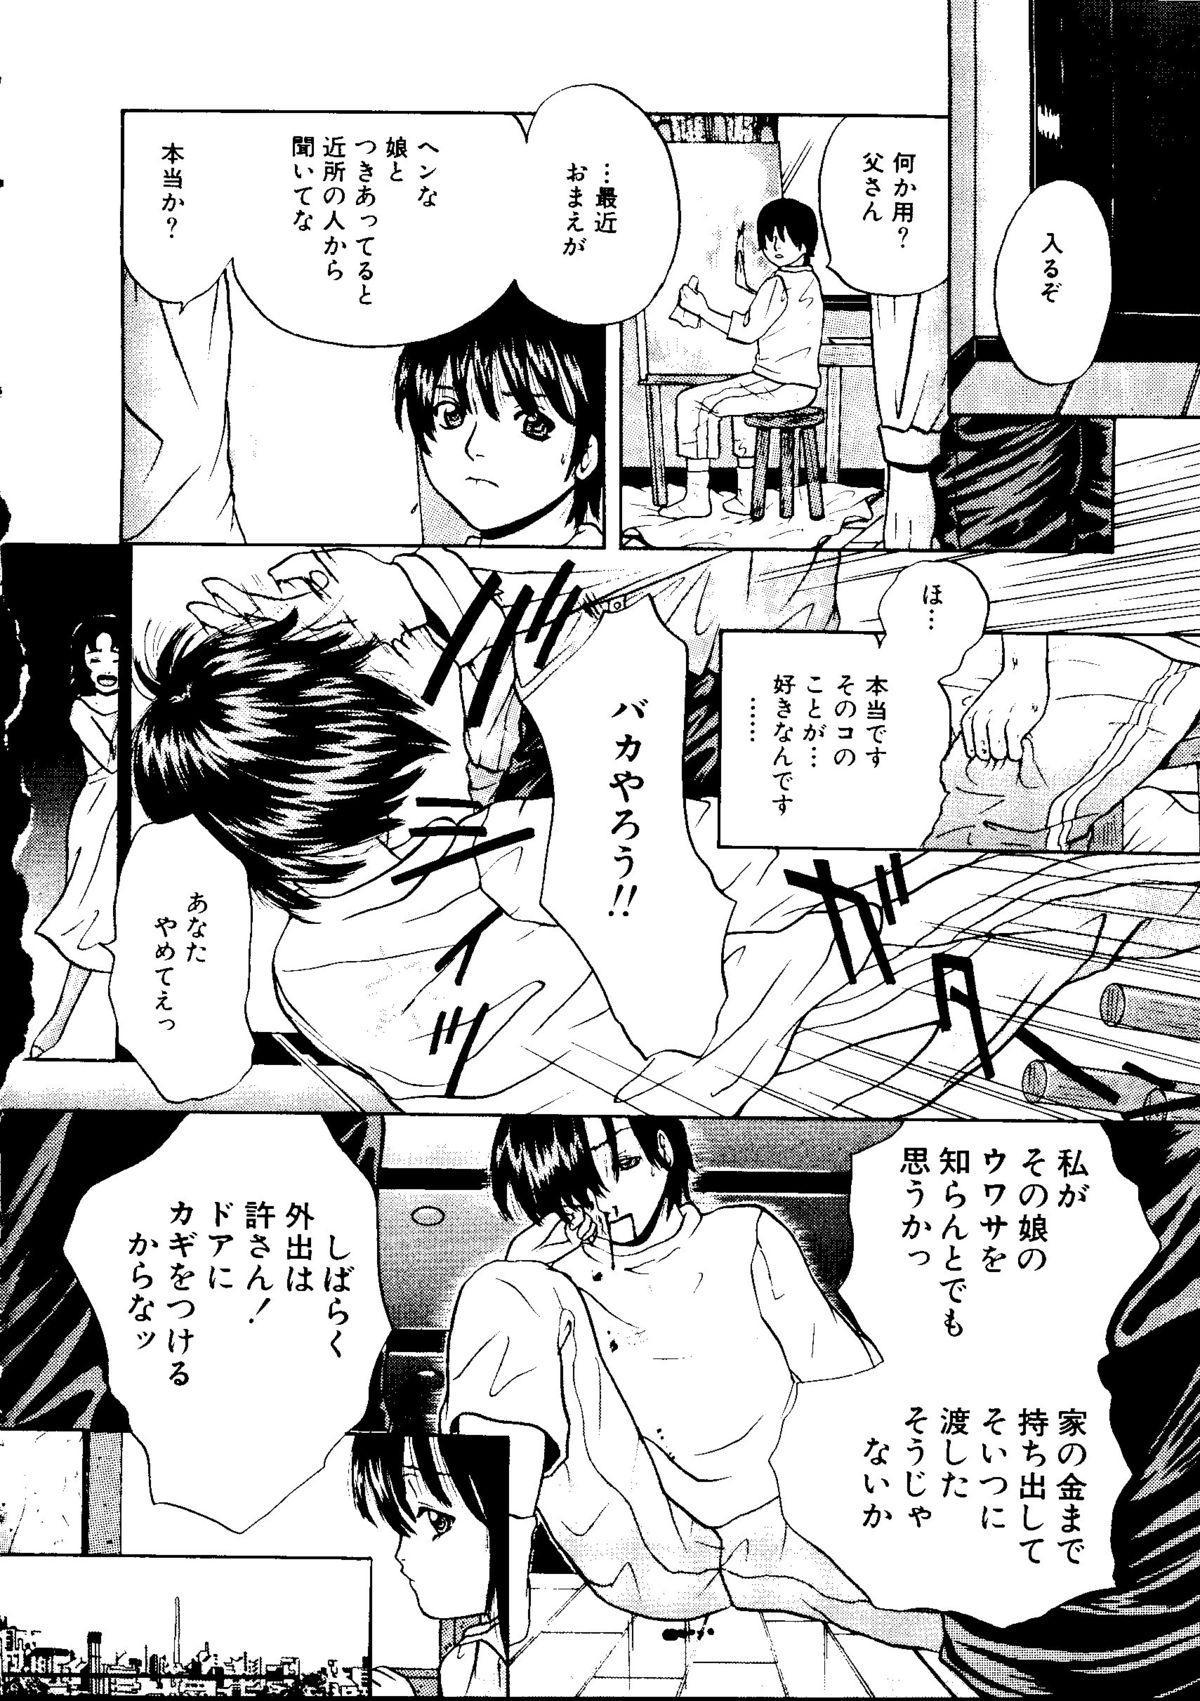 Mujirushi Youhin Vol. 7 38